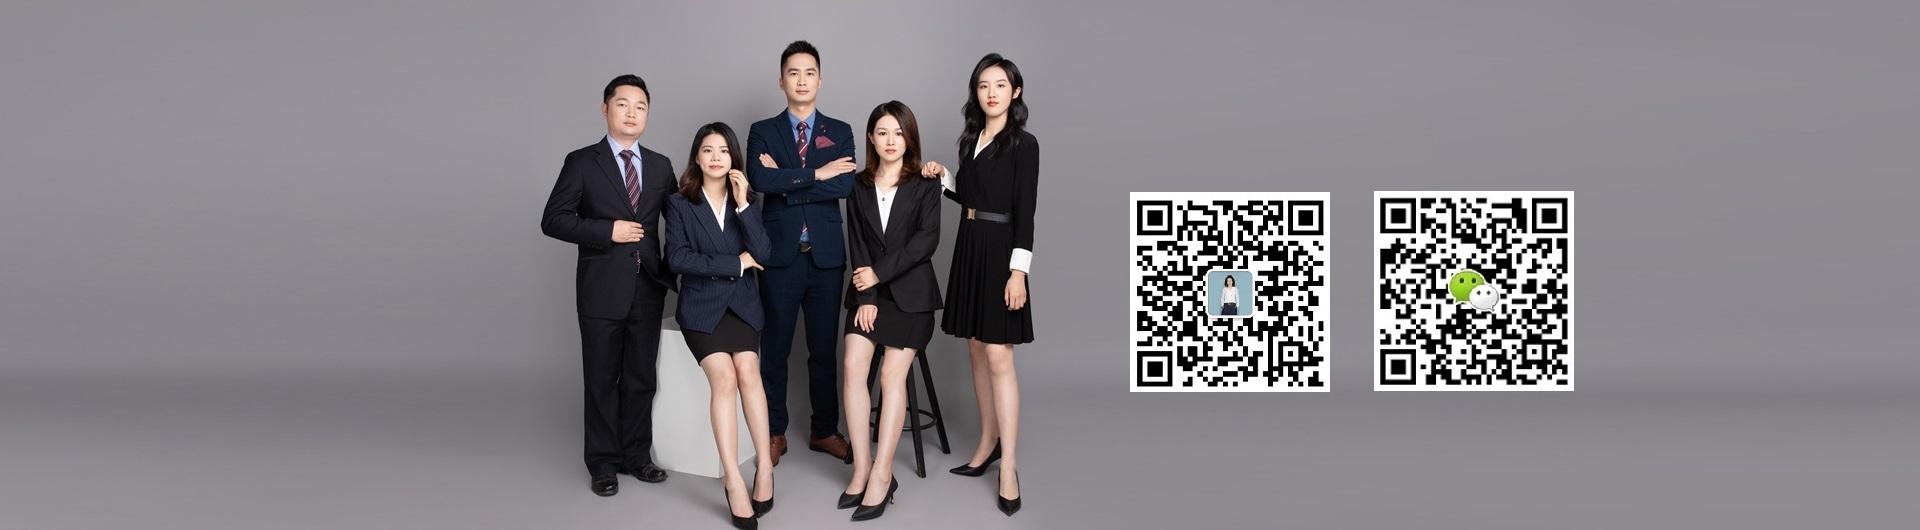 广州天河律师大图二